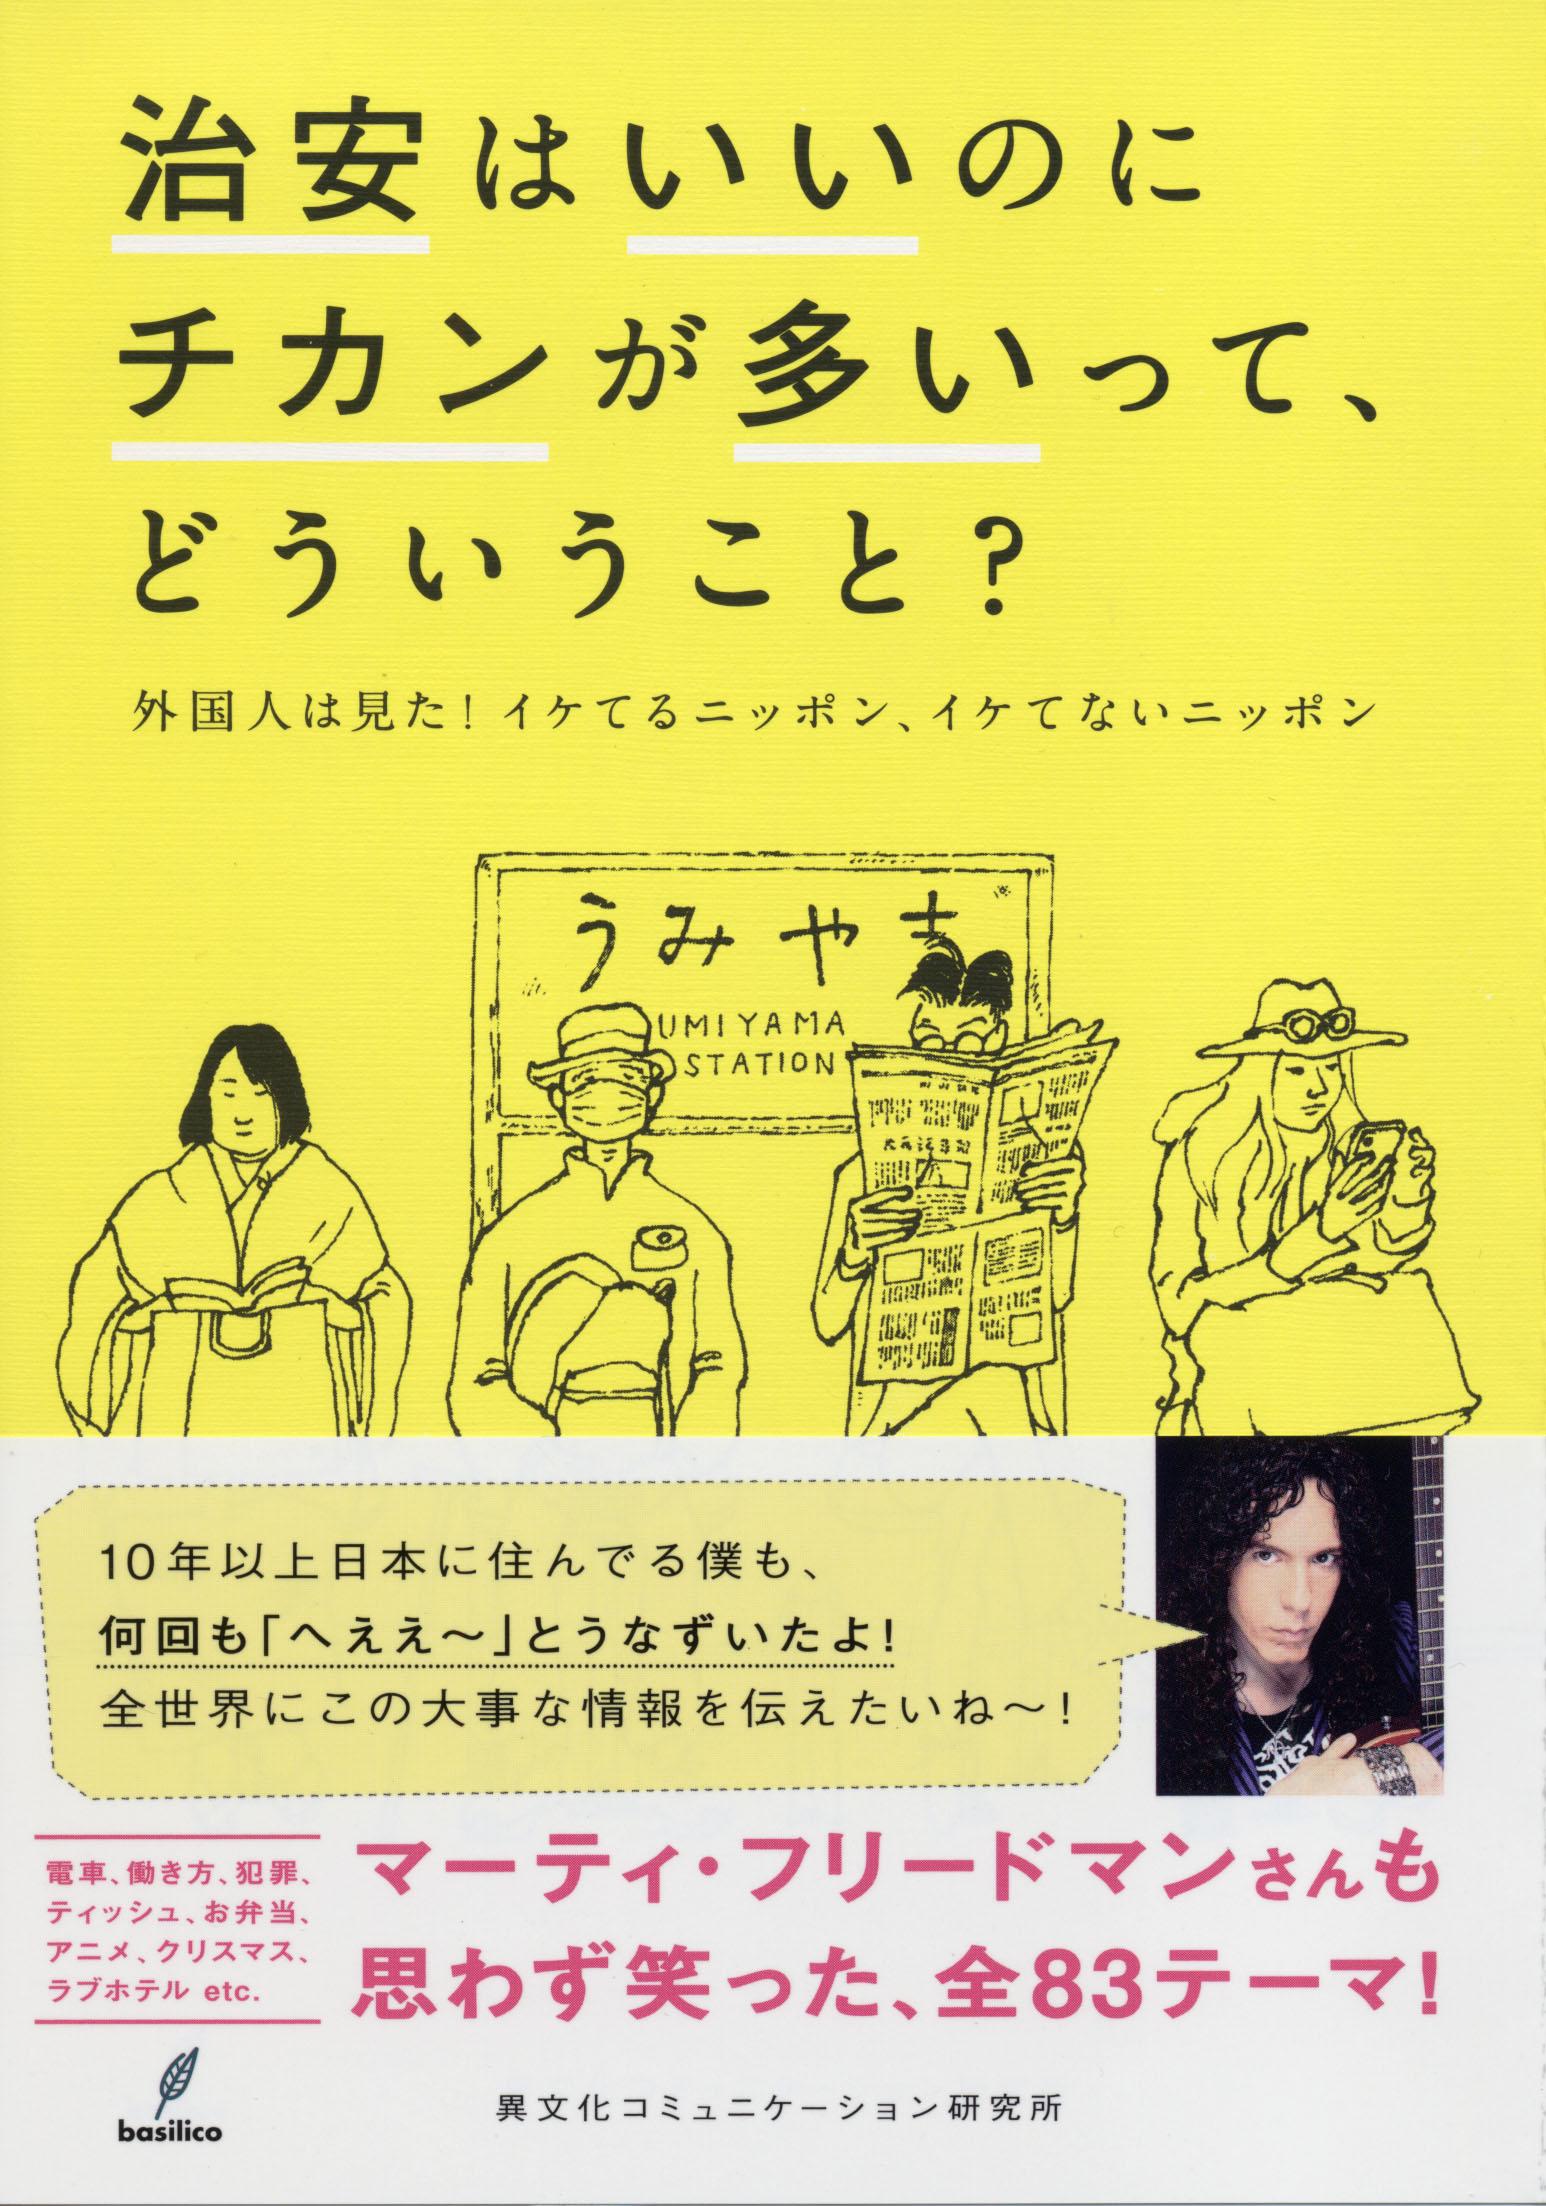 外国人「どうして日本では痴漢が多いの?」